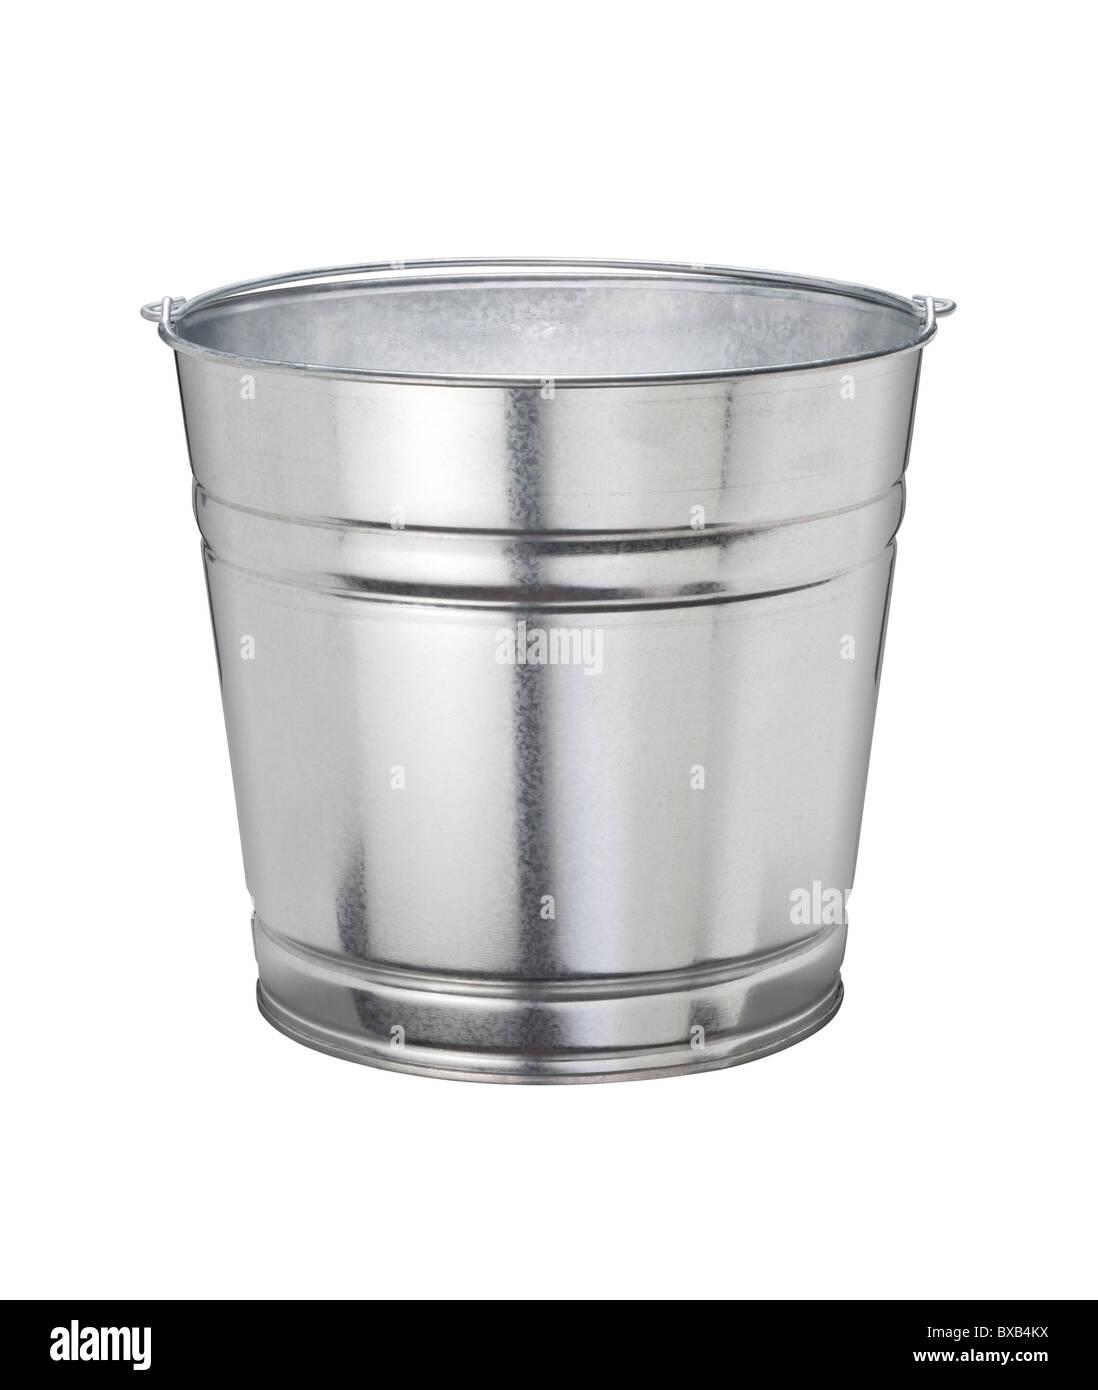 Aluminum Bucket isolated on a white background - Stock Image